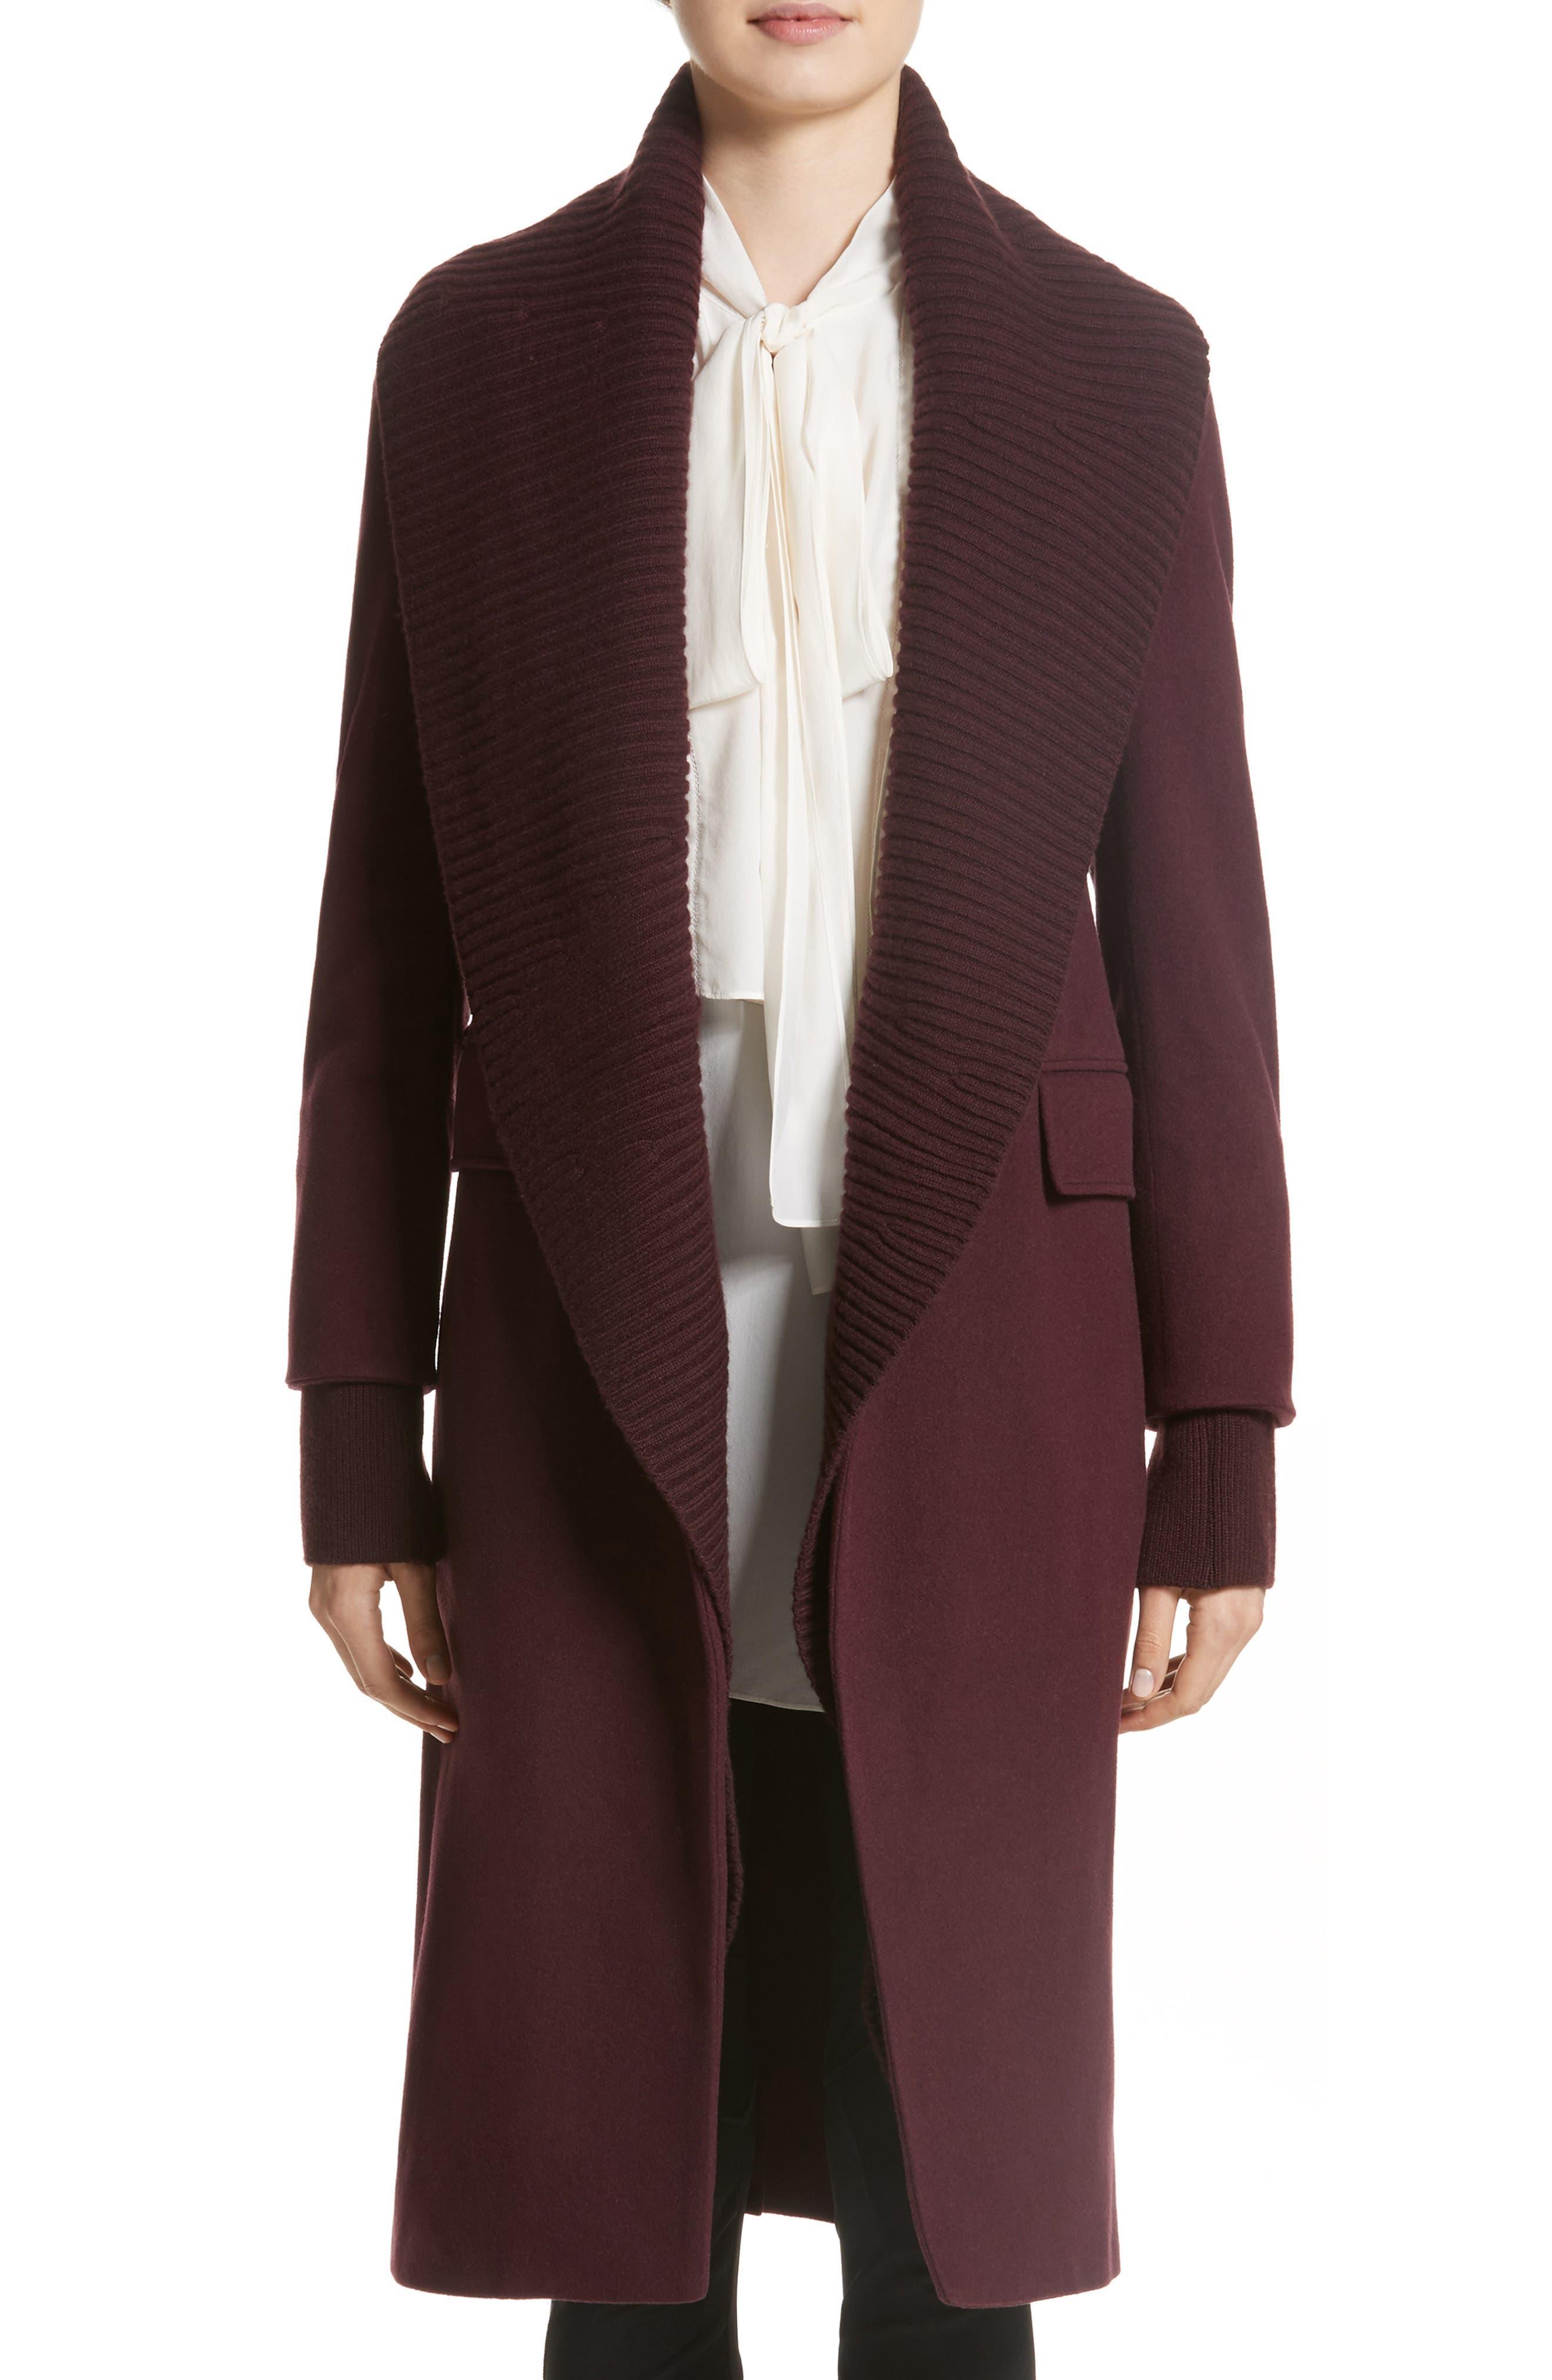 Cairndale Knit Trim Cashmere Coat,                             Main thumbnail 1, color,                             522